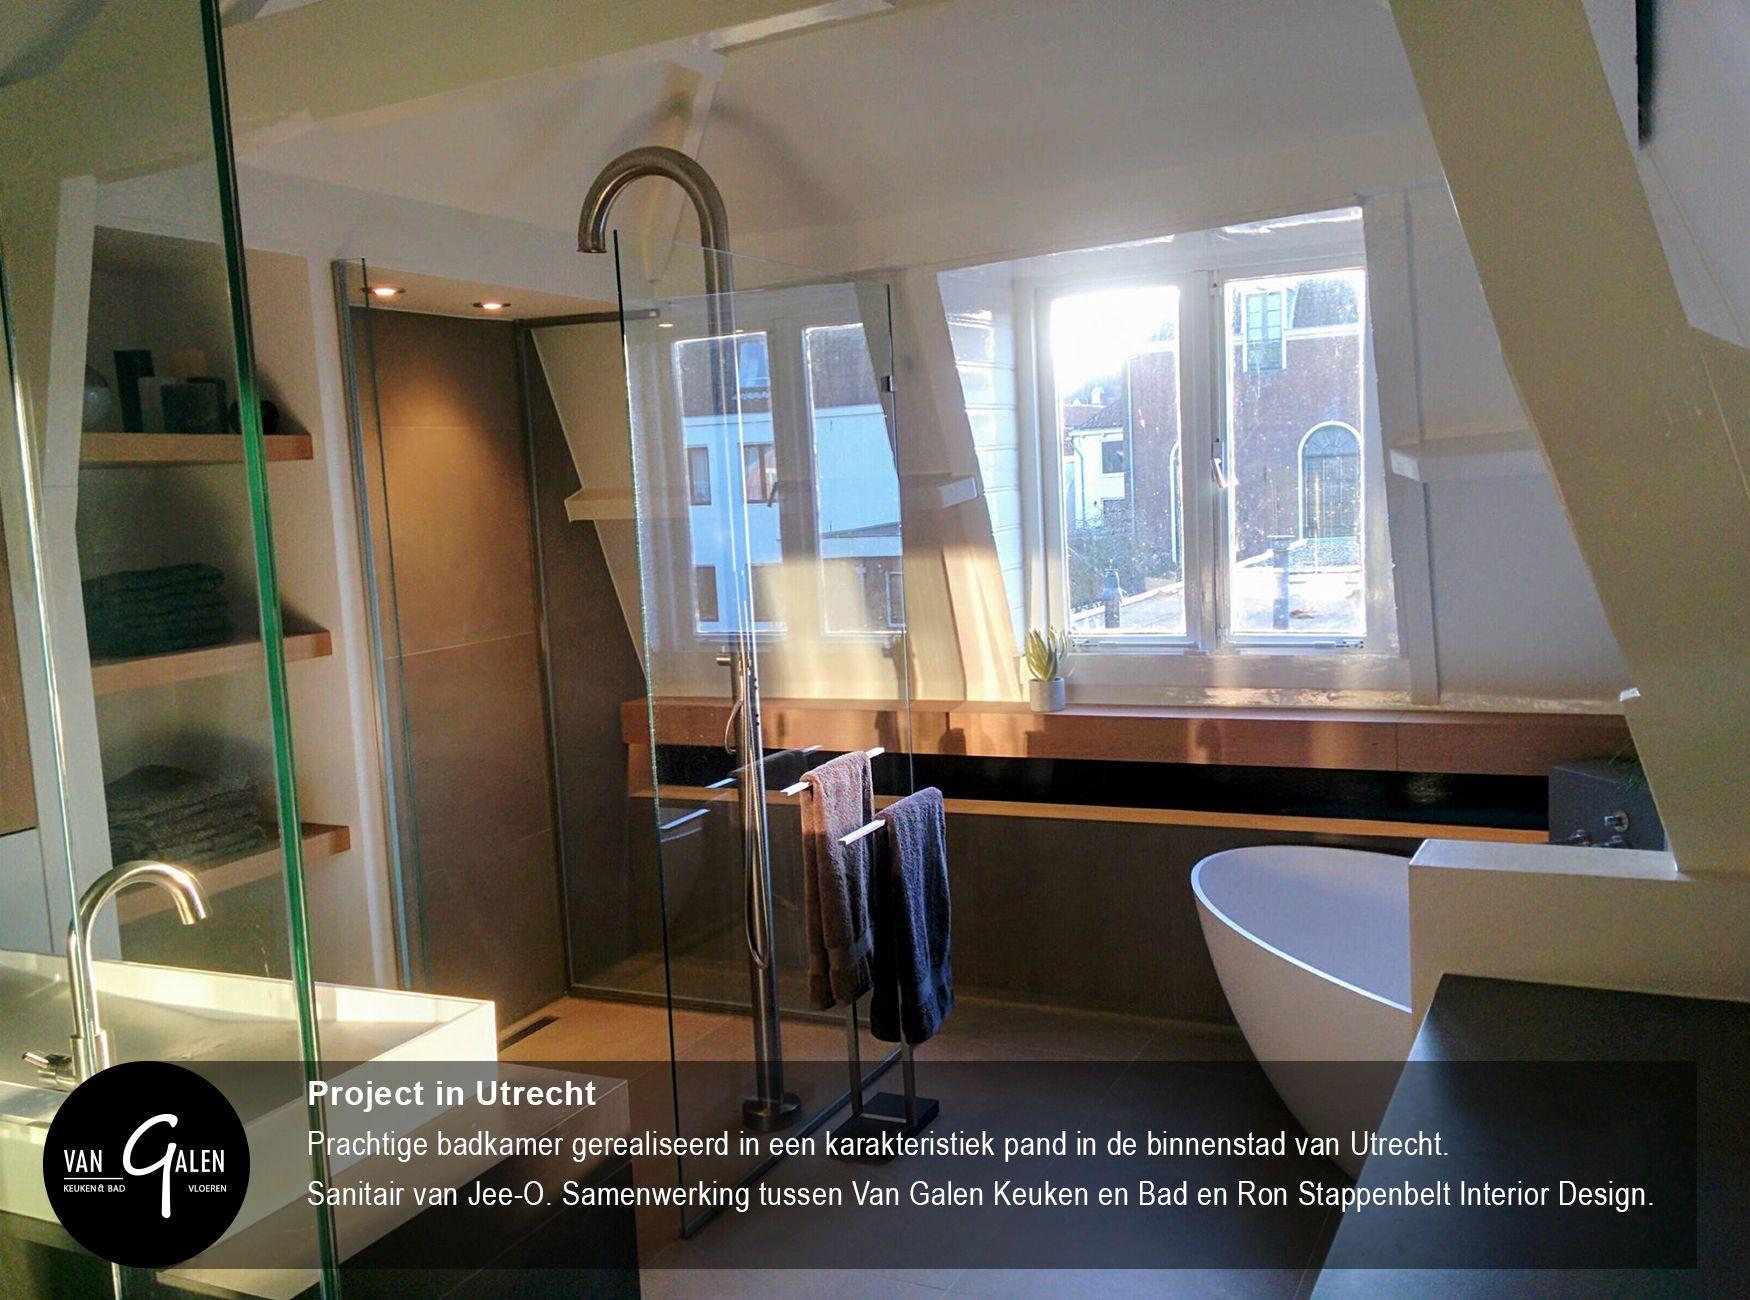 prachtige badkamer gerealiseerd in een karakteristiek pand in de